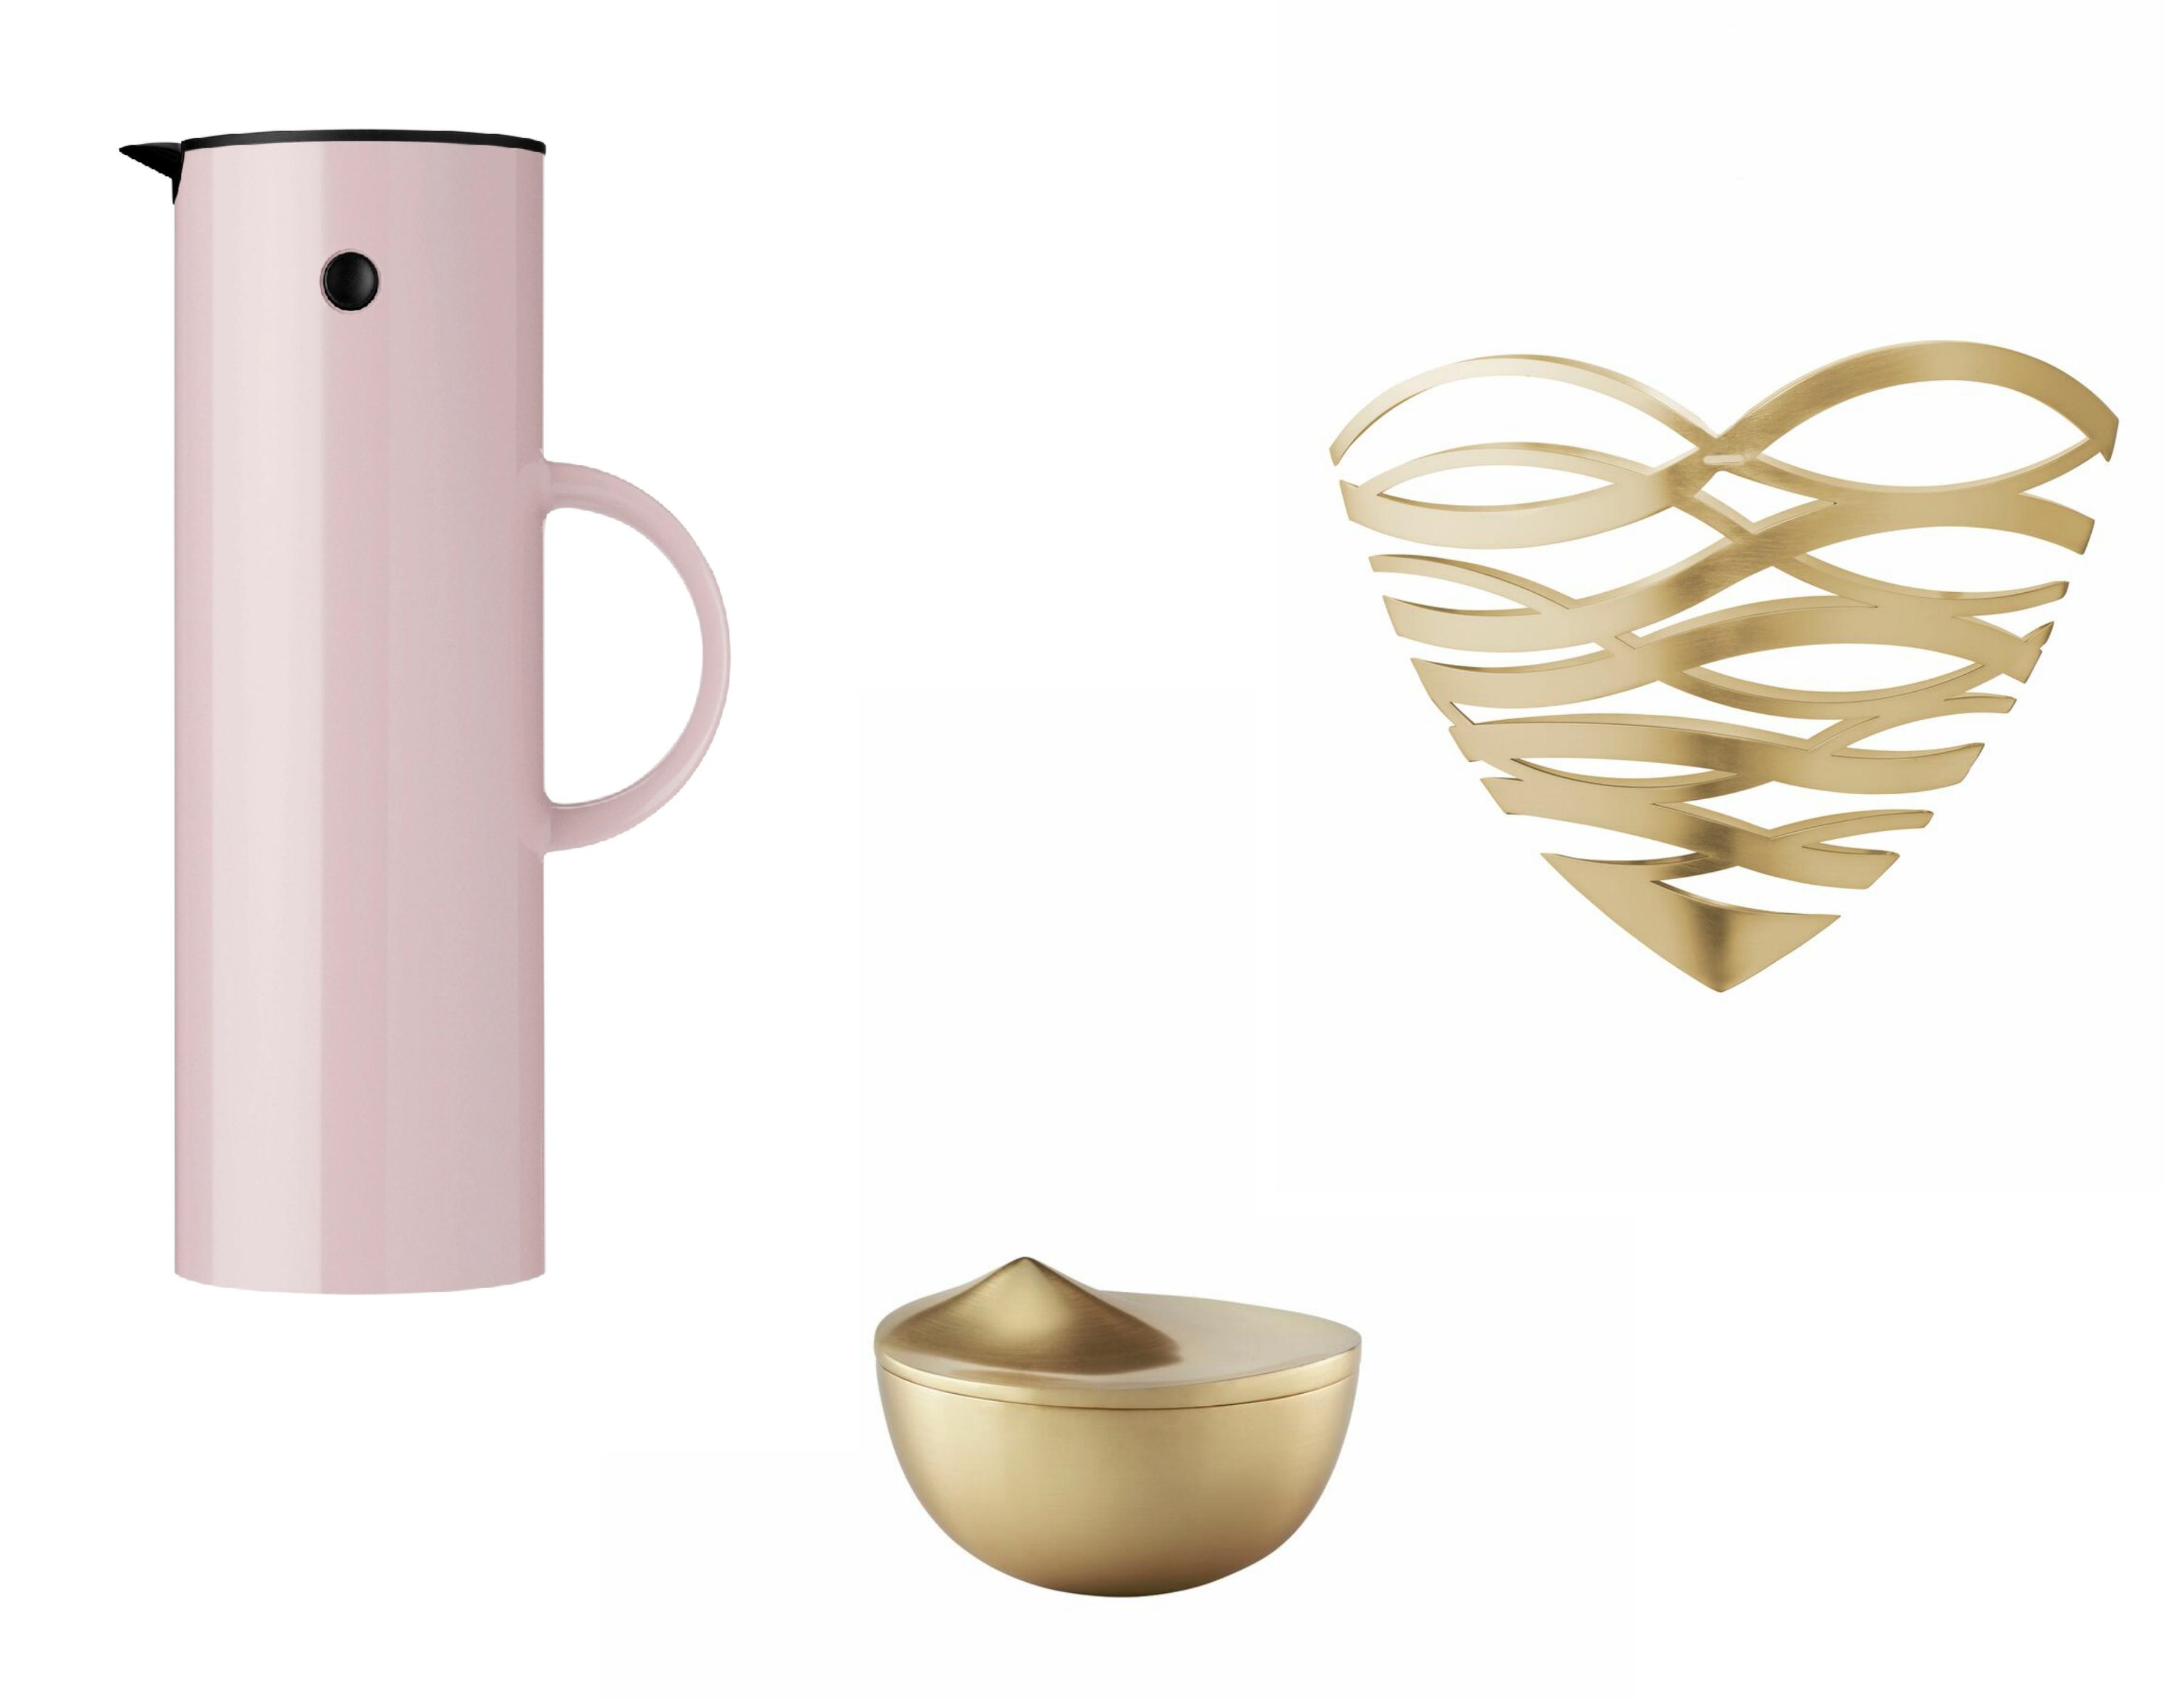 Stelton-isolierkanne-tangle-heart-peak-bonbonnie-valentinstaggeschenk